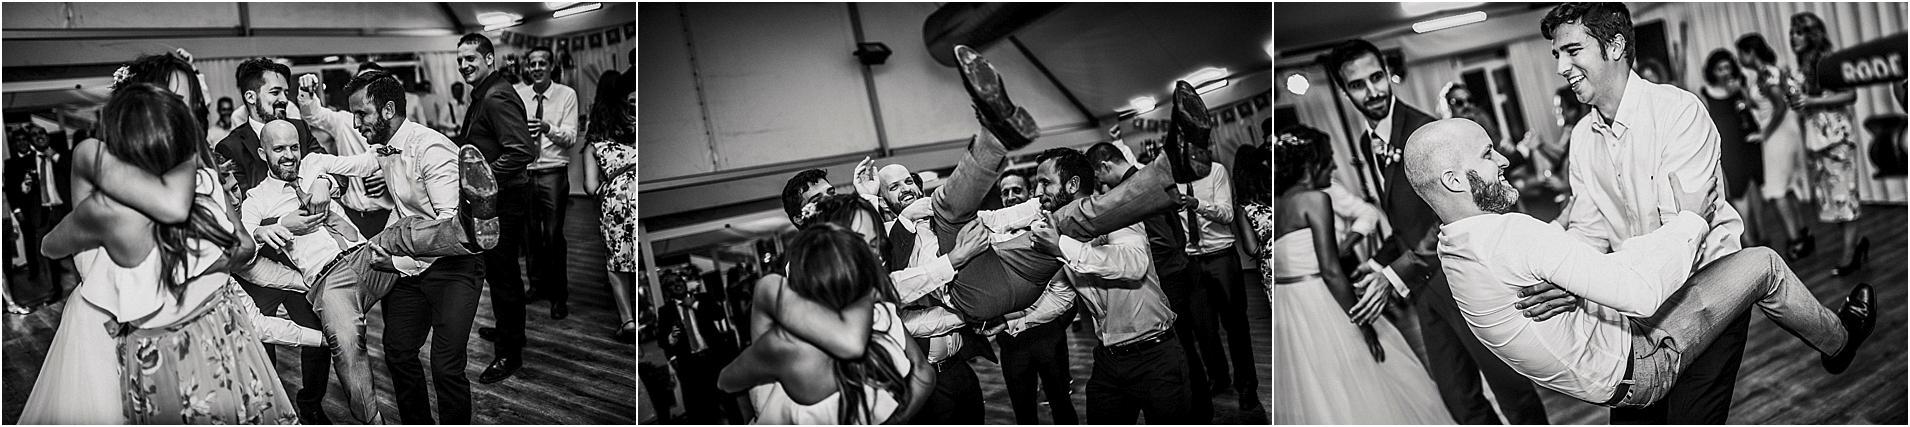 Fotografos-de-boda-donostia-zaragoza-san-sebastian-destination-wedding-photographer-112.jpg